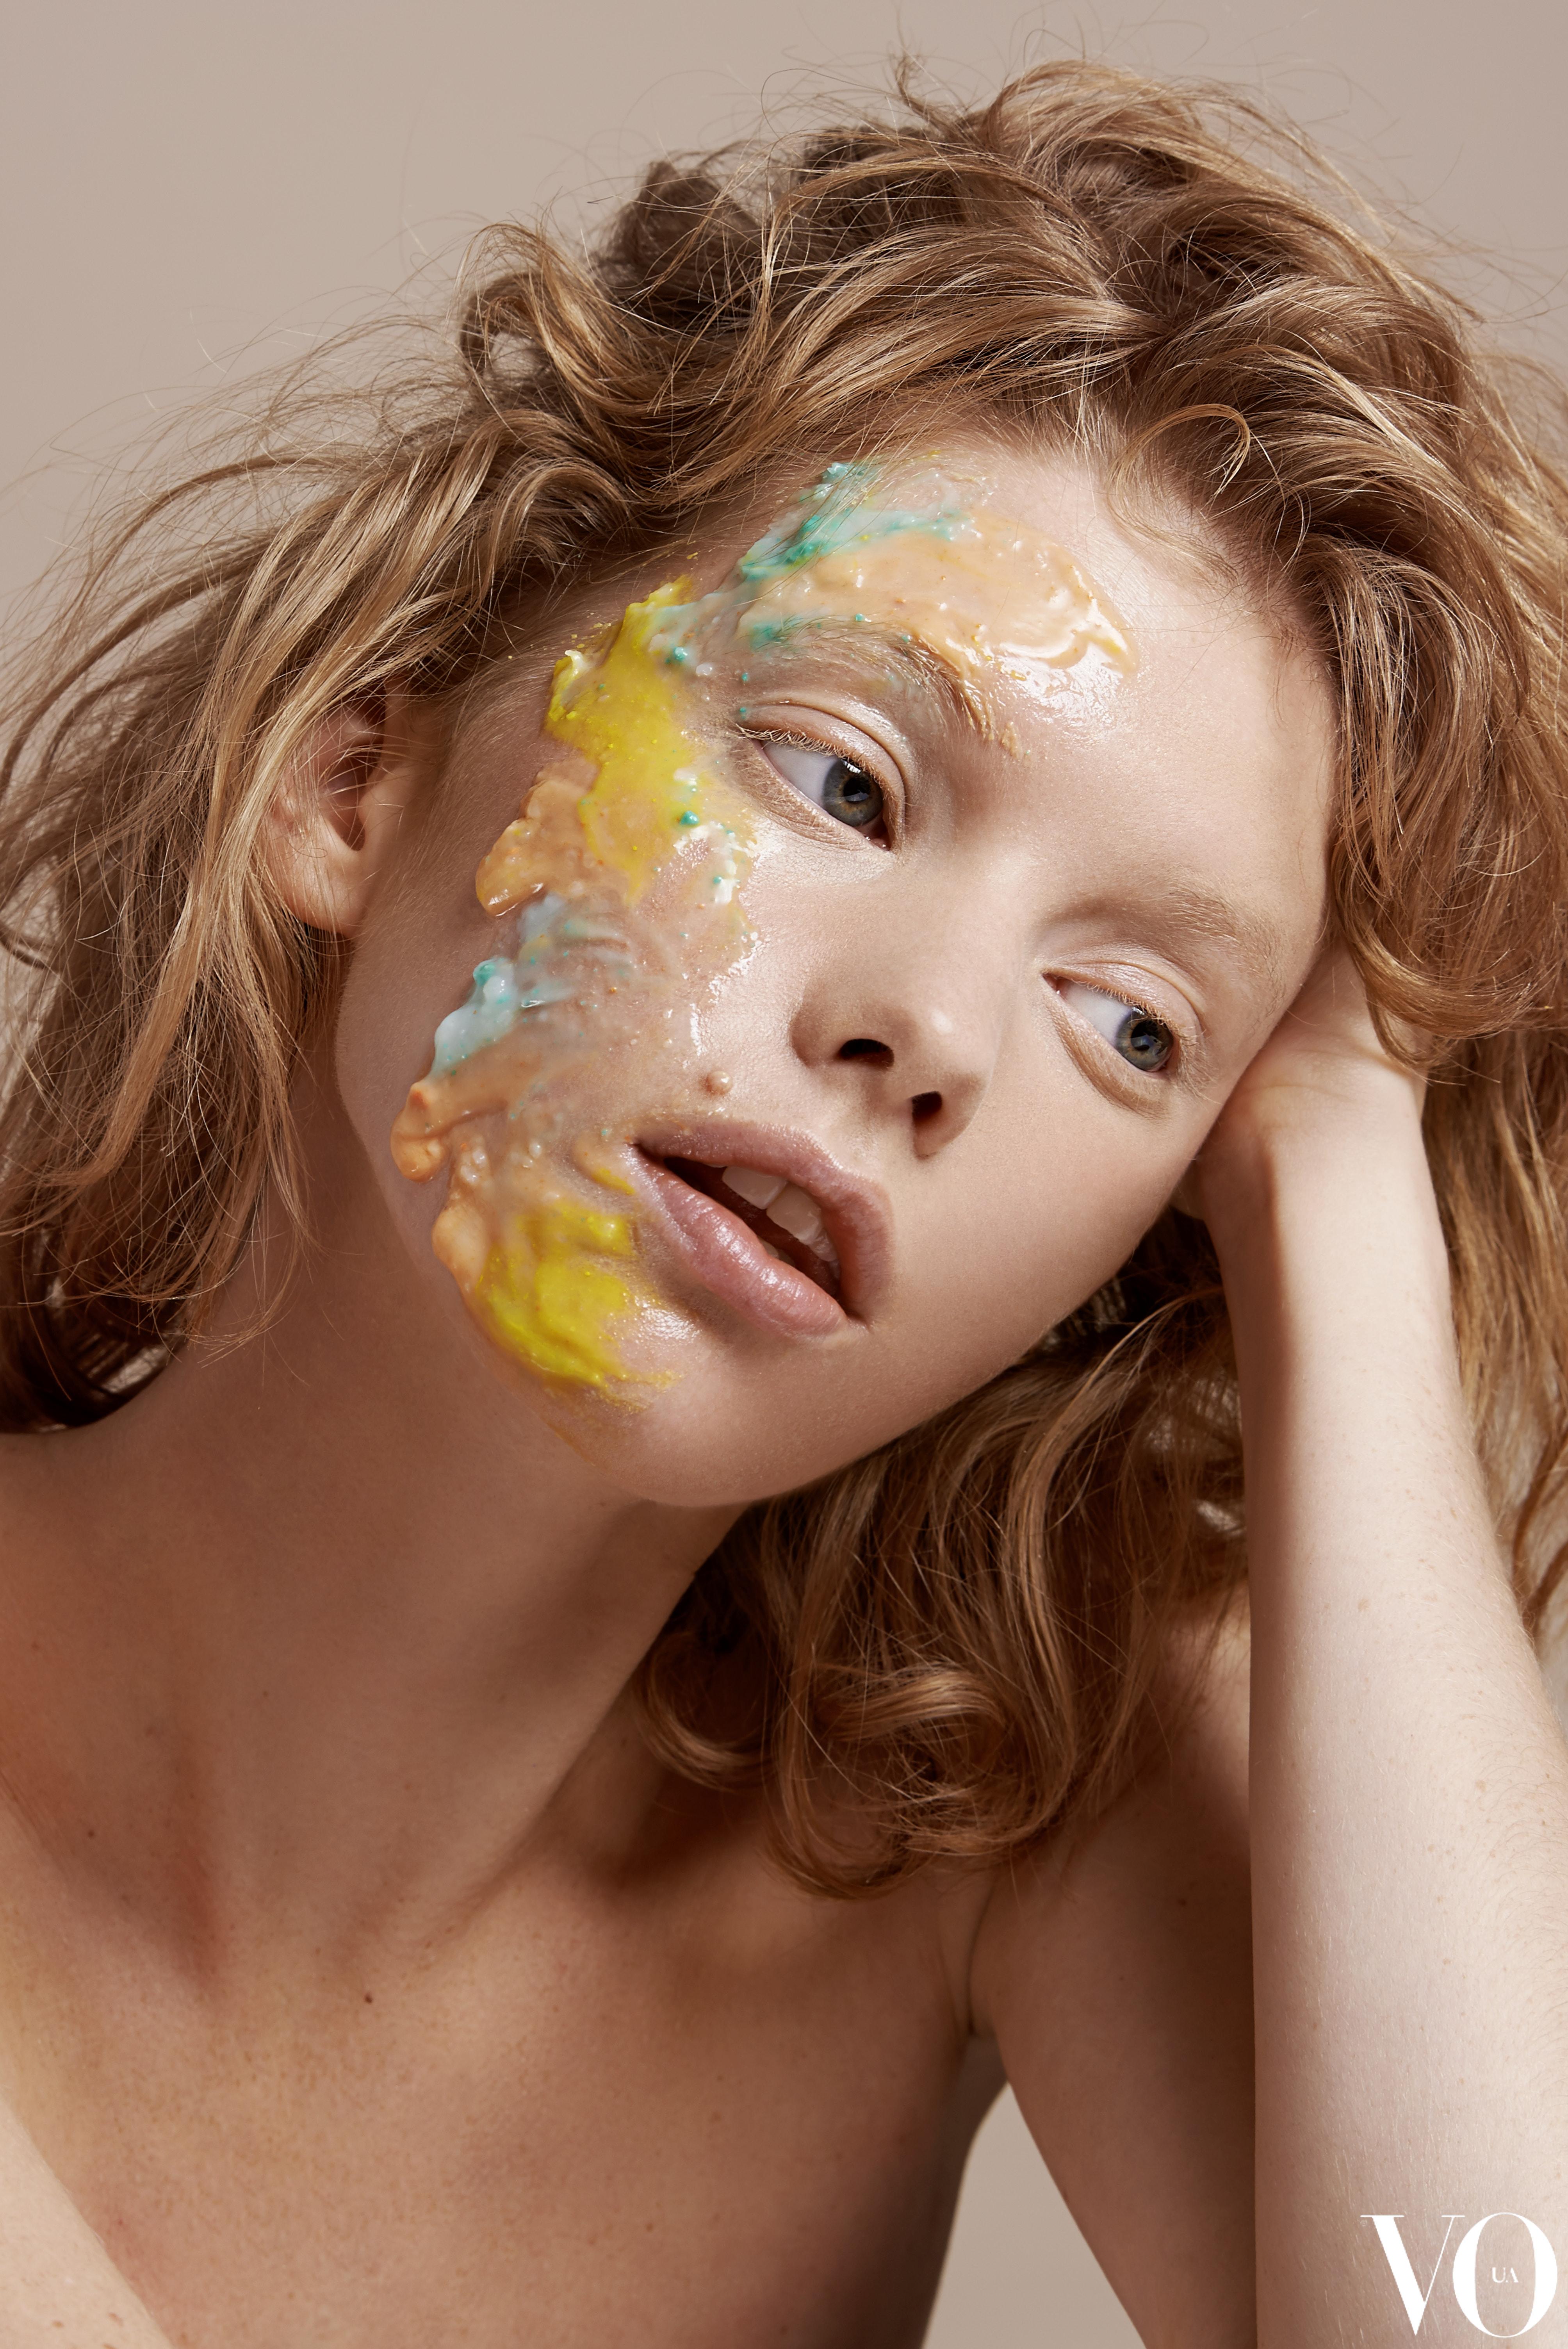 Katya Vlasova for Vogue Ukraine